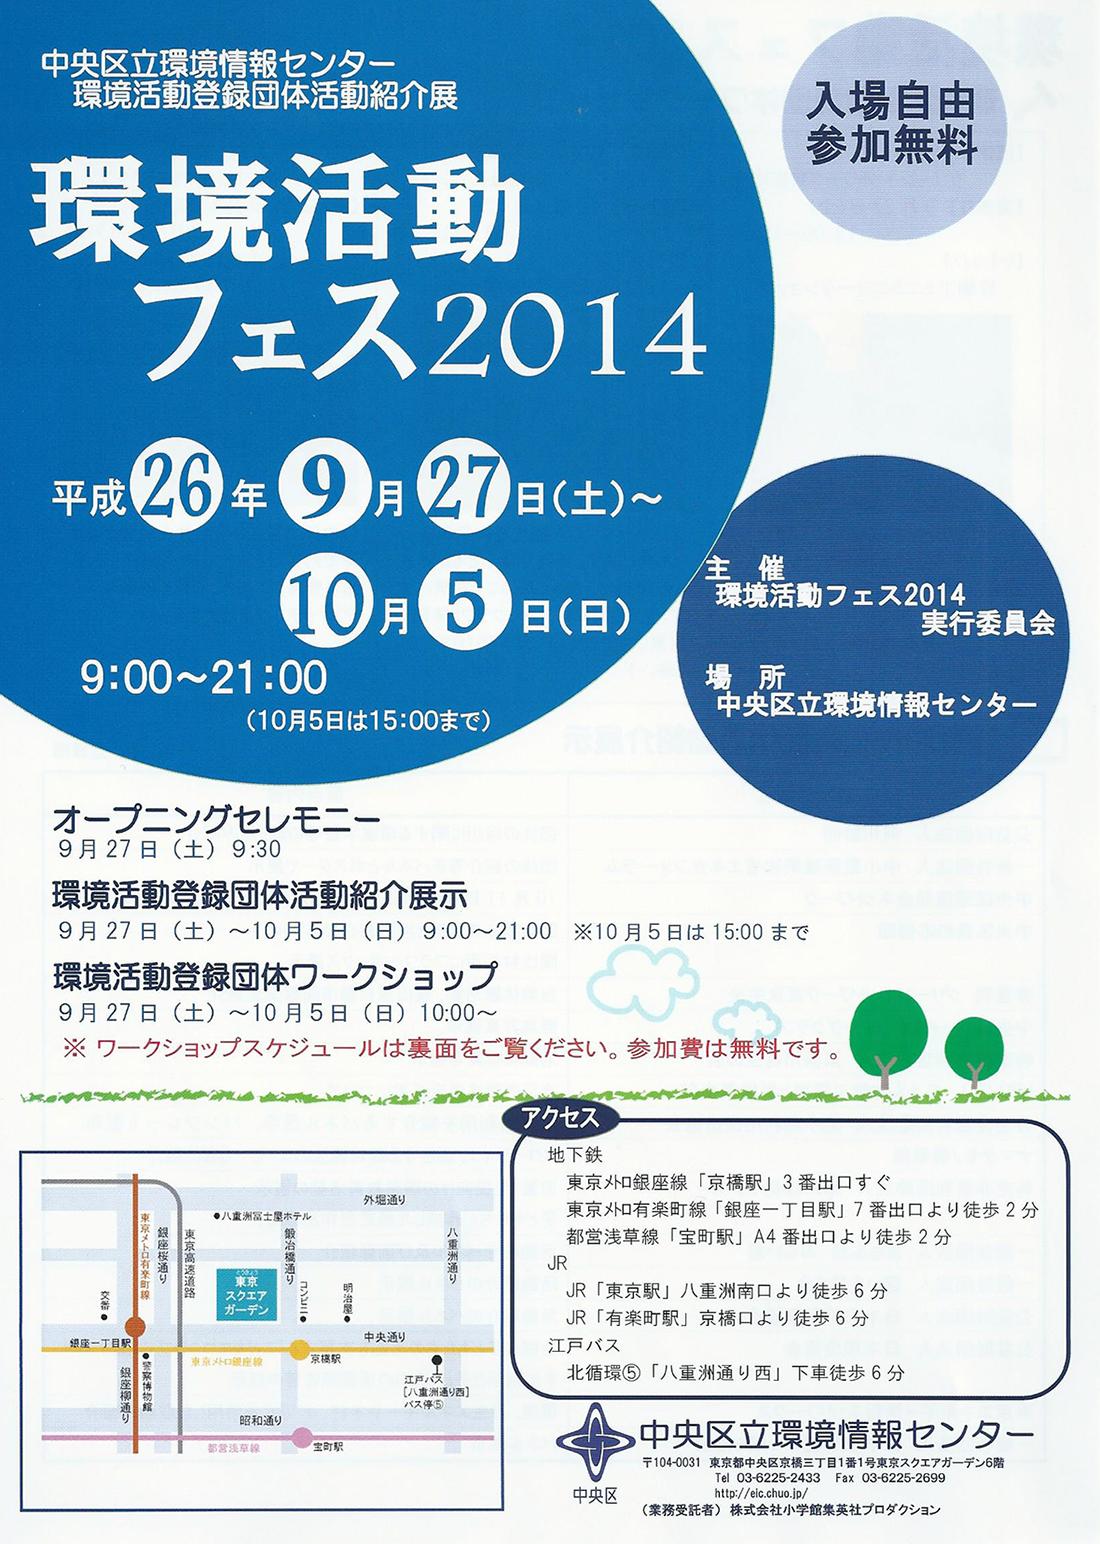 環境活動フェス2014